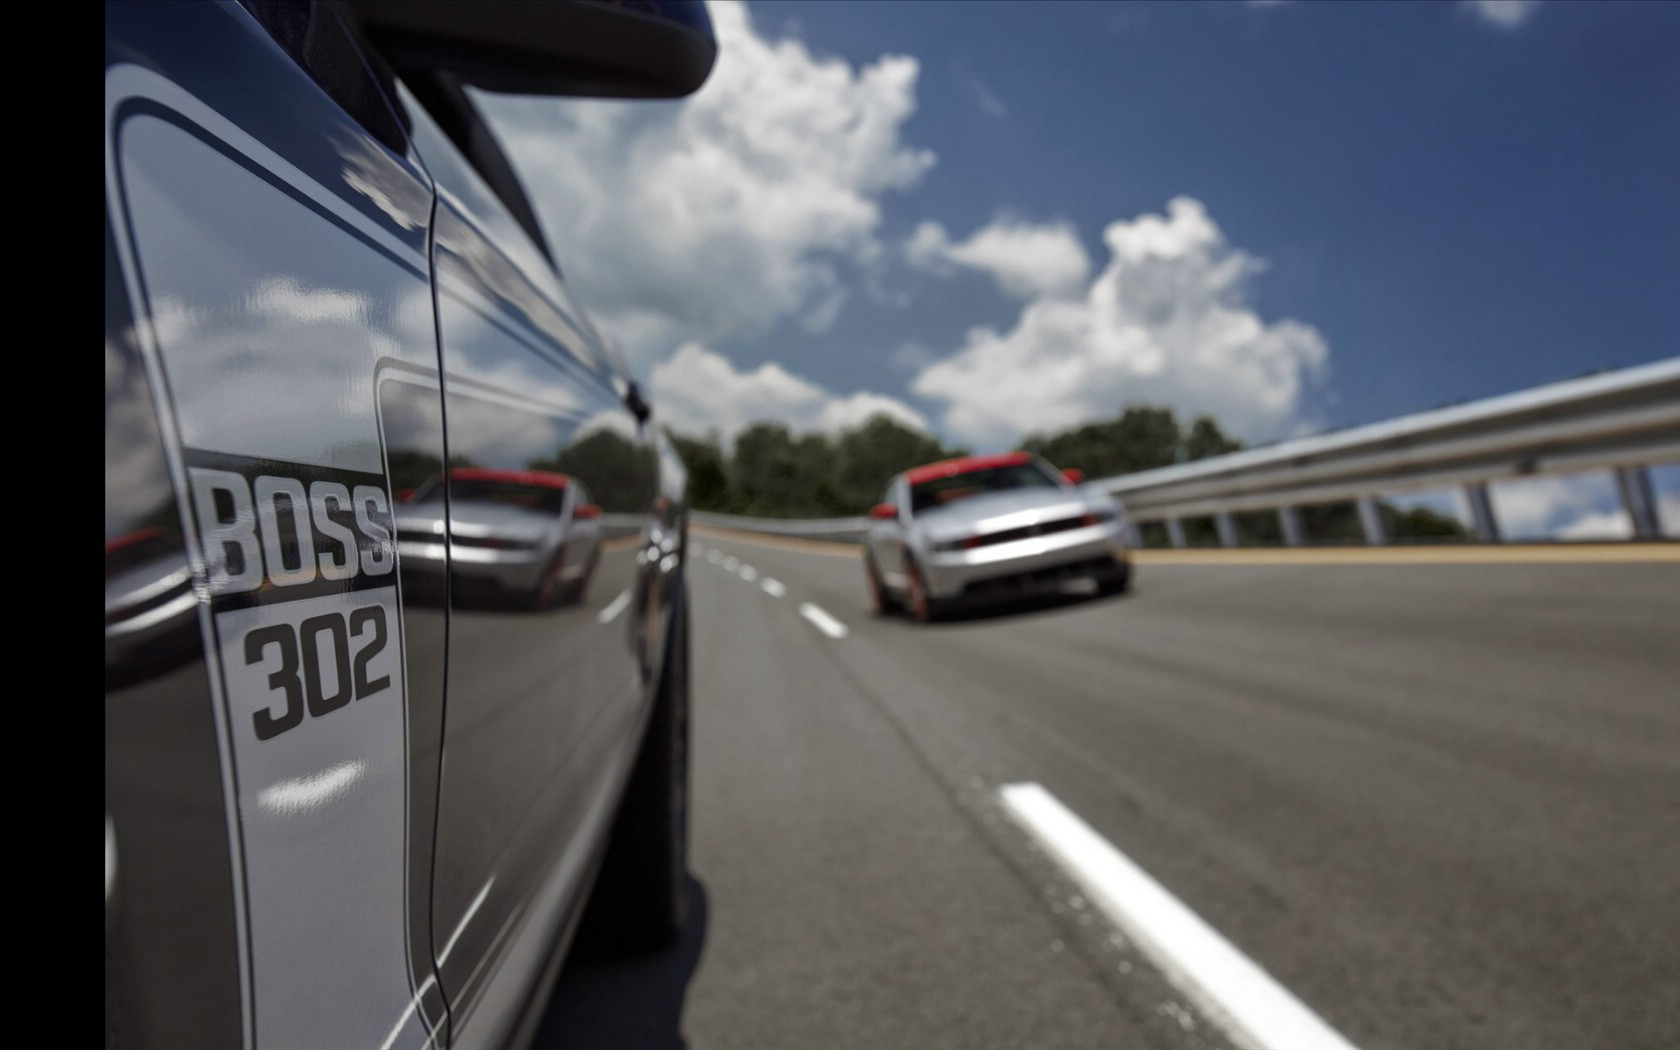 壁纸1680×1050Ford Mustang Boss 福特野马 302 2012 壁纸18壁纸 Ford Musta壁纸图片静物壁纸静物图片素材桌面壁纸